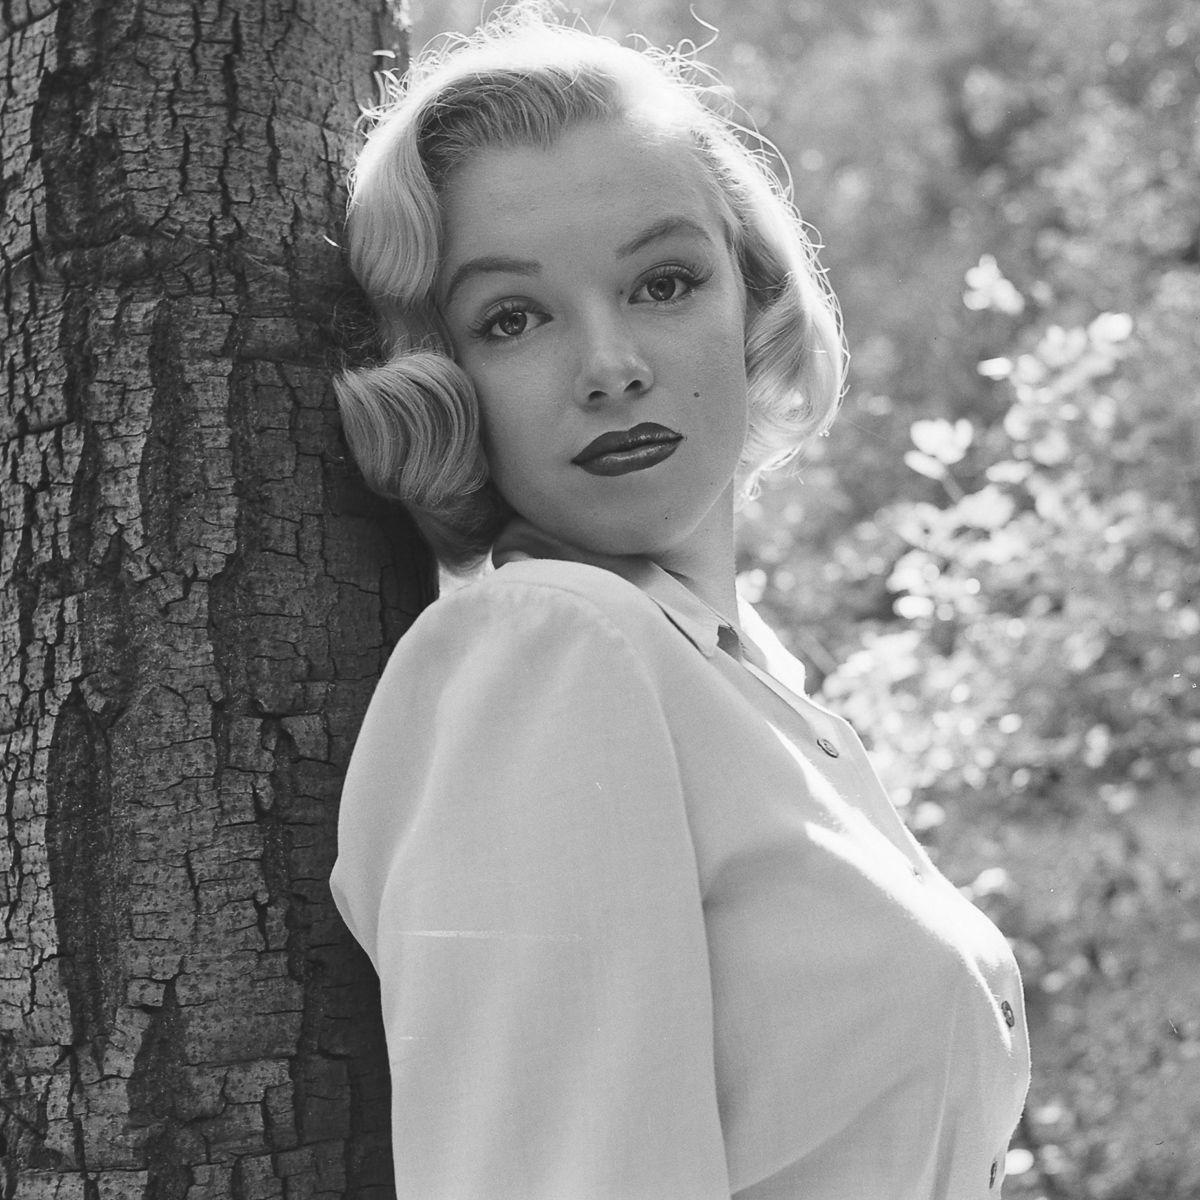 Fotos raras de Marilyn Monroe caminhando no bosque antes de ser famosa 06